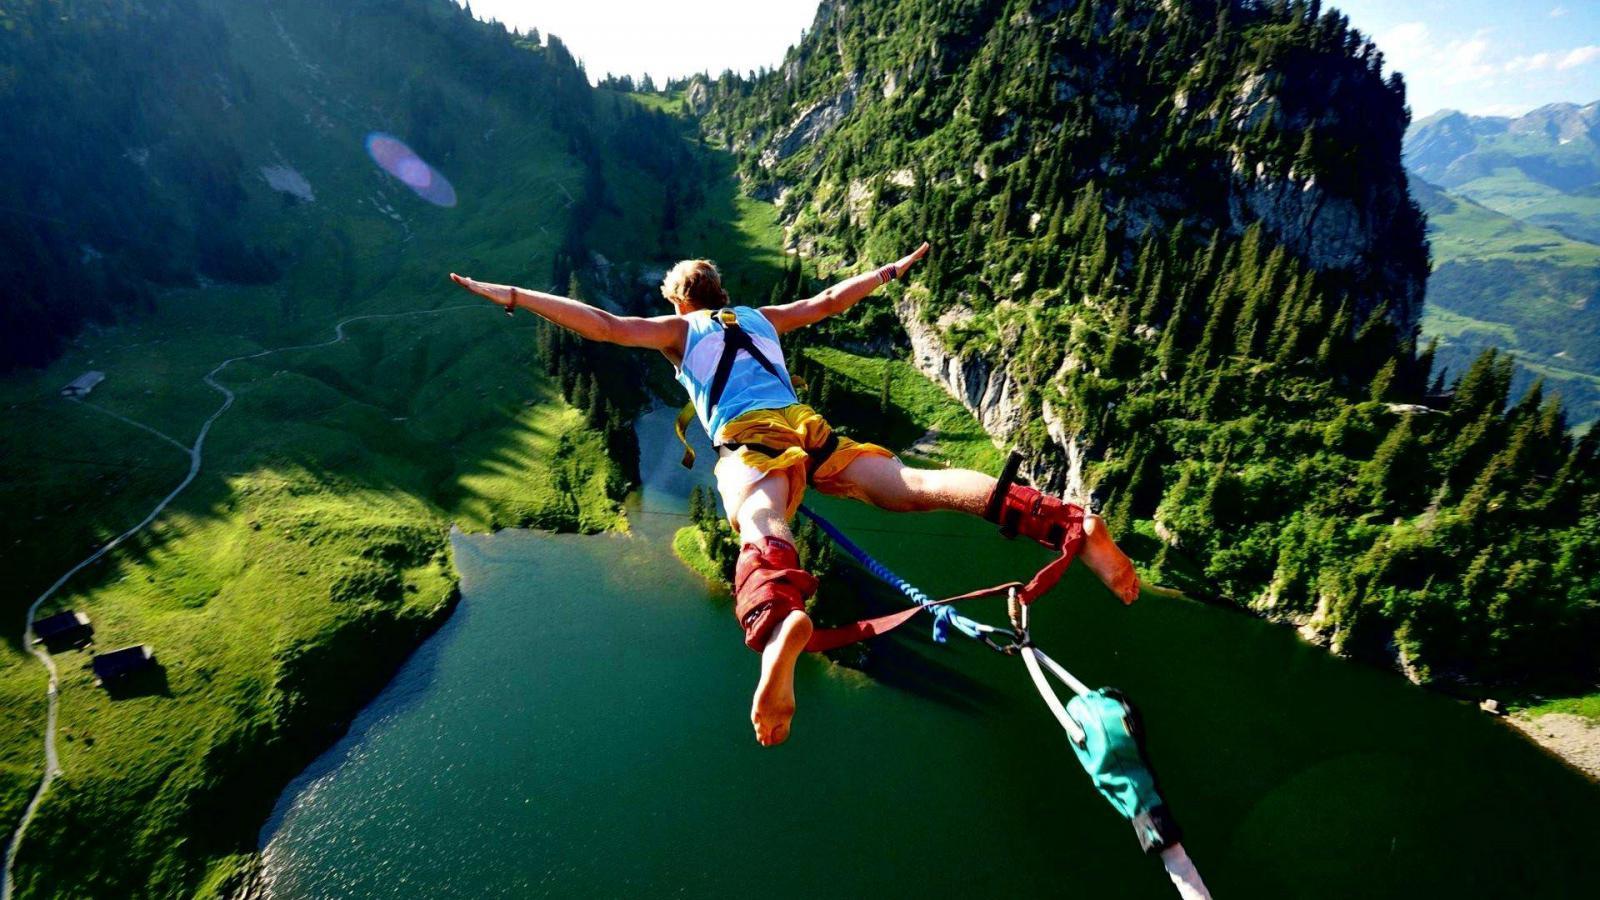 Rishikesh: Adventure and nature